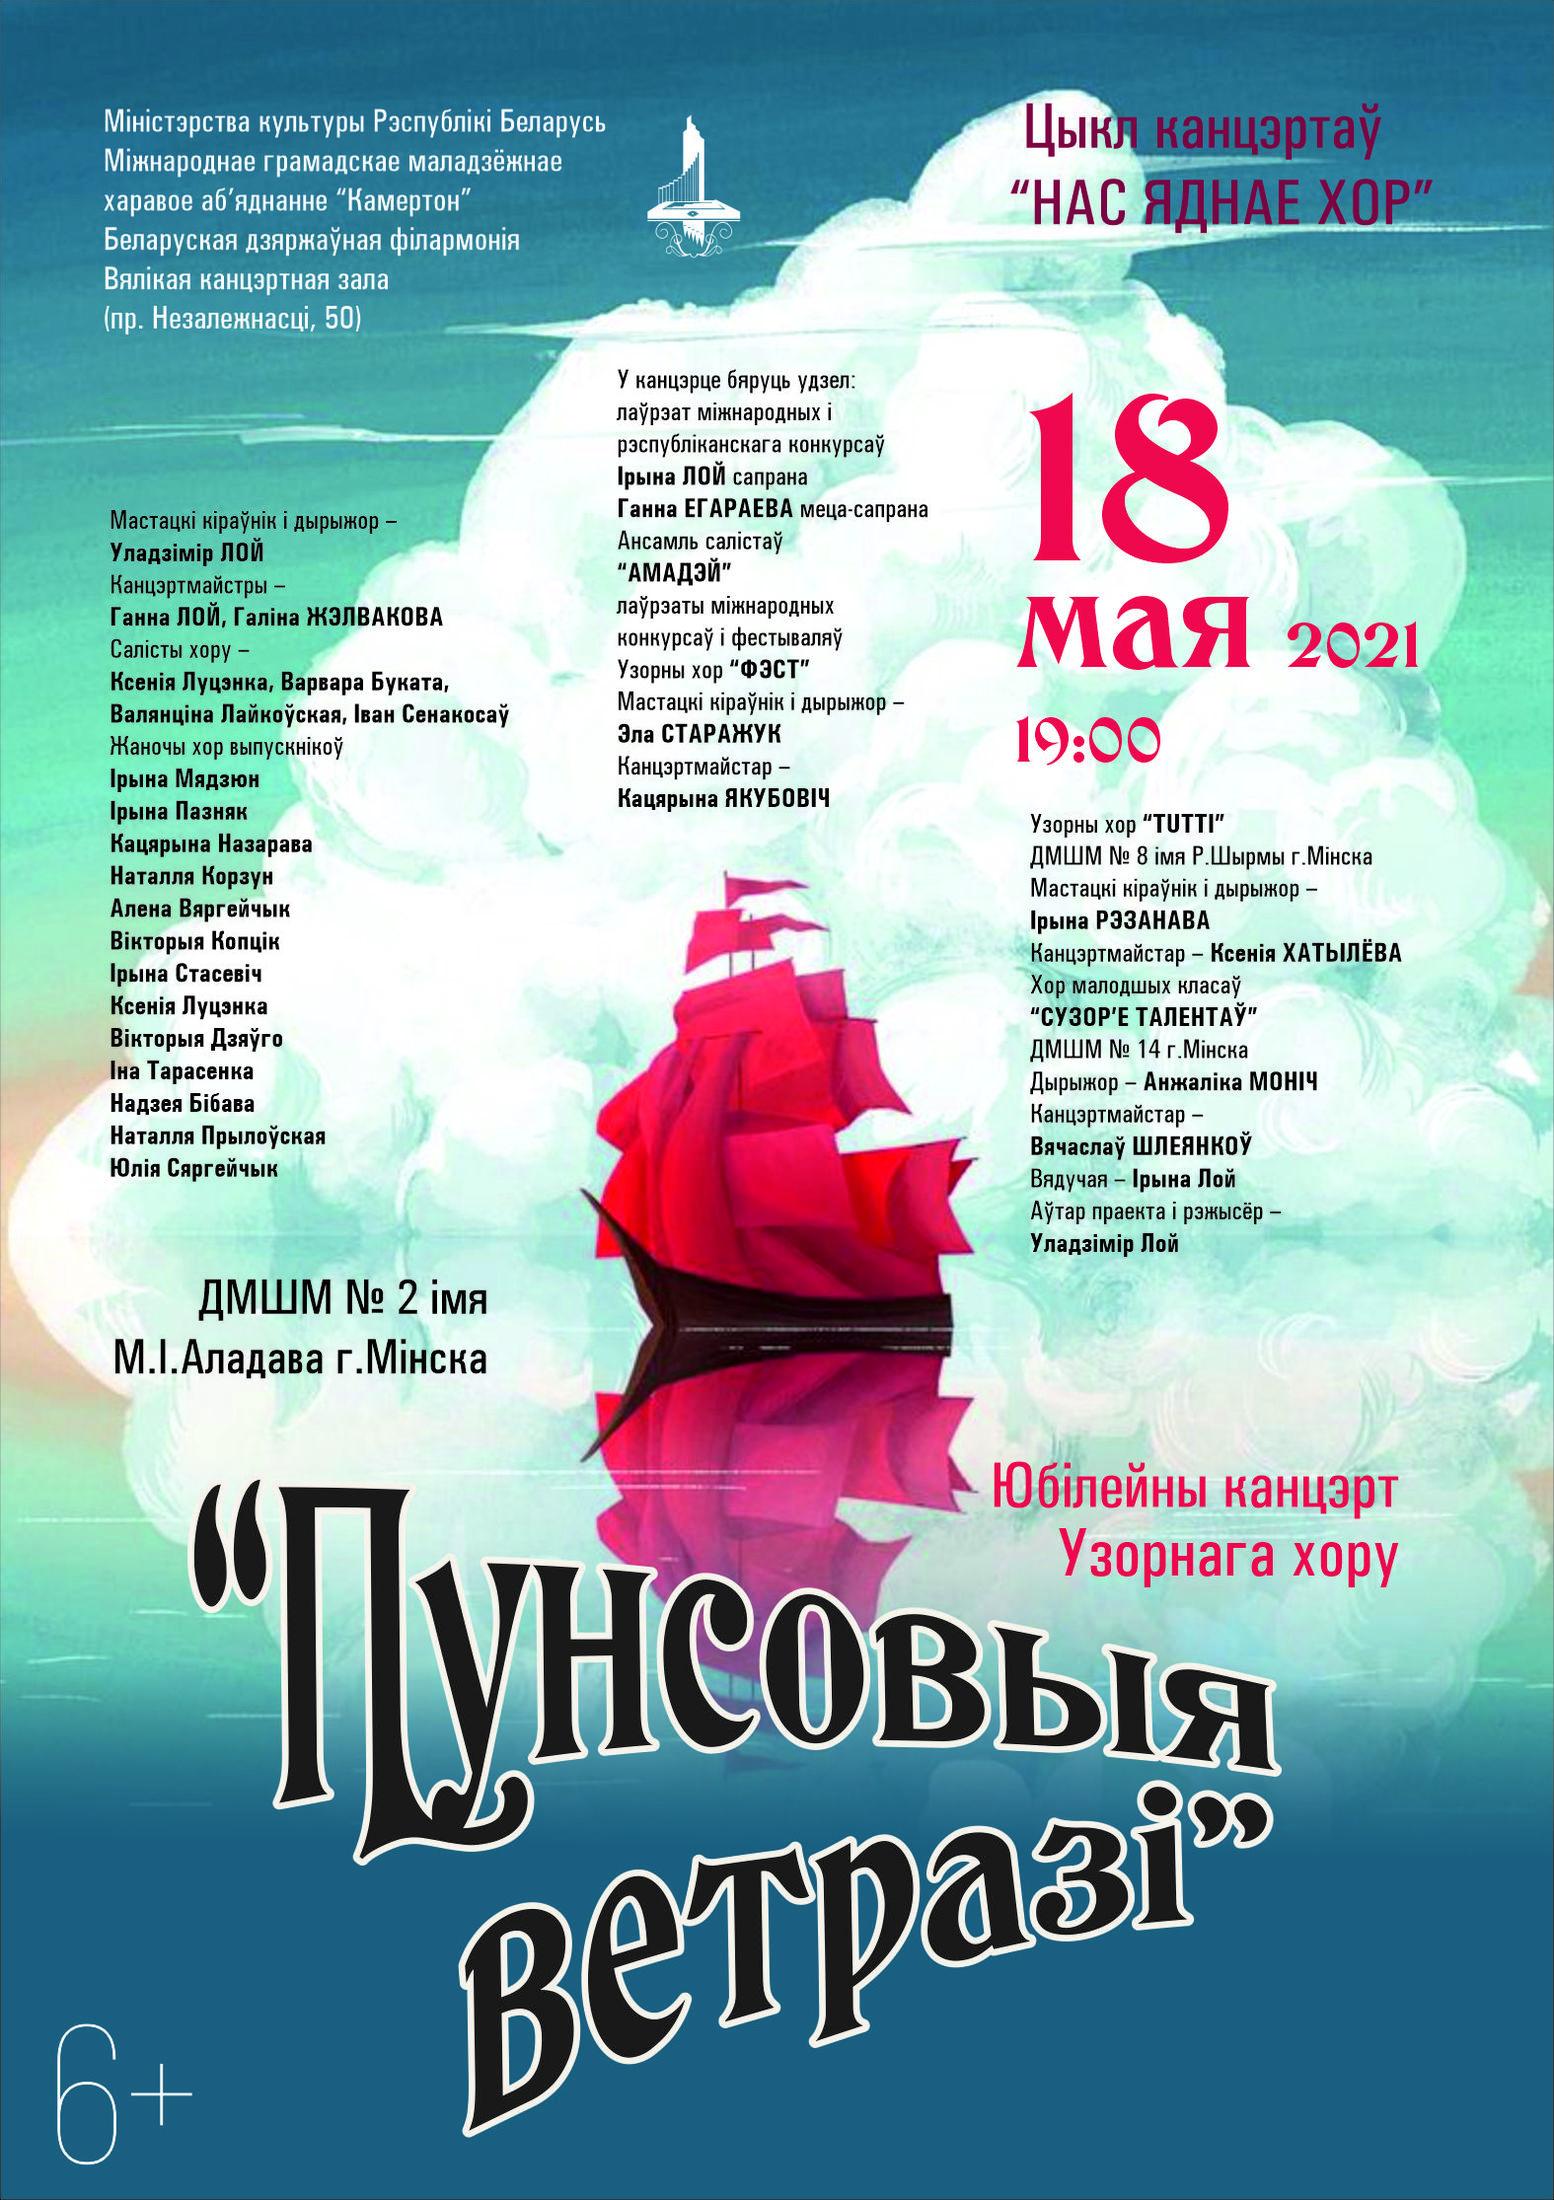 Цикл концертов «Нас объединяет хор» (концерт четвёртый) @ Белорусская государственная филармония